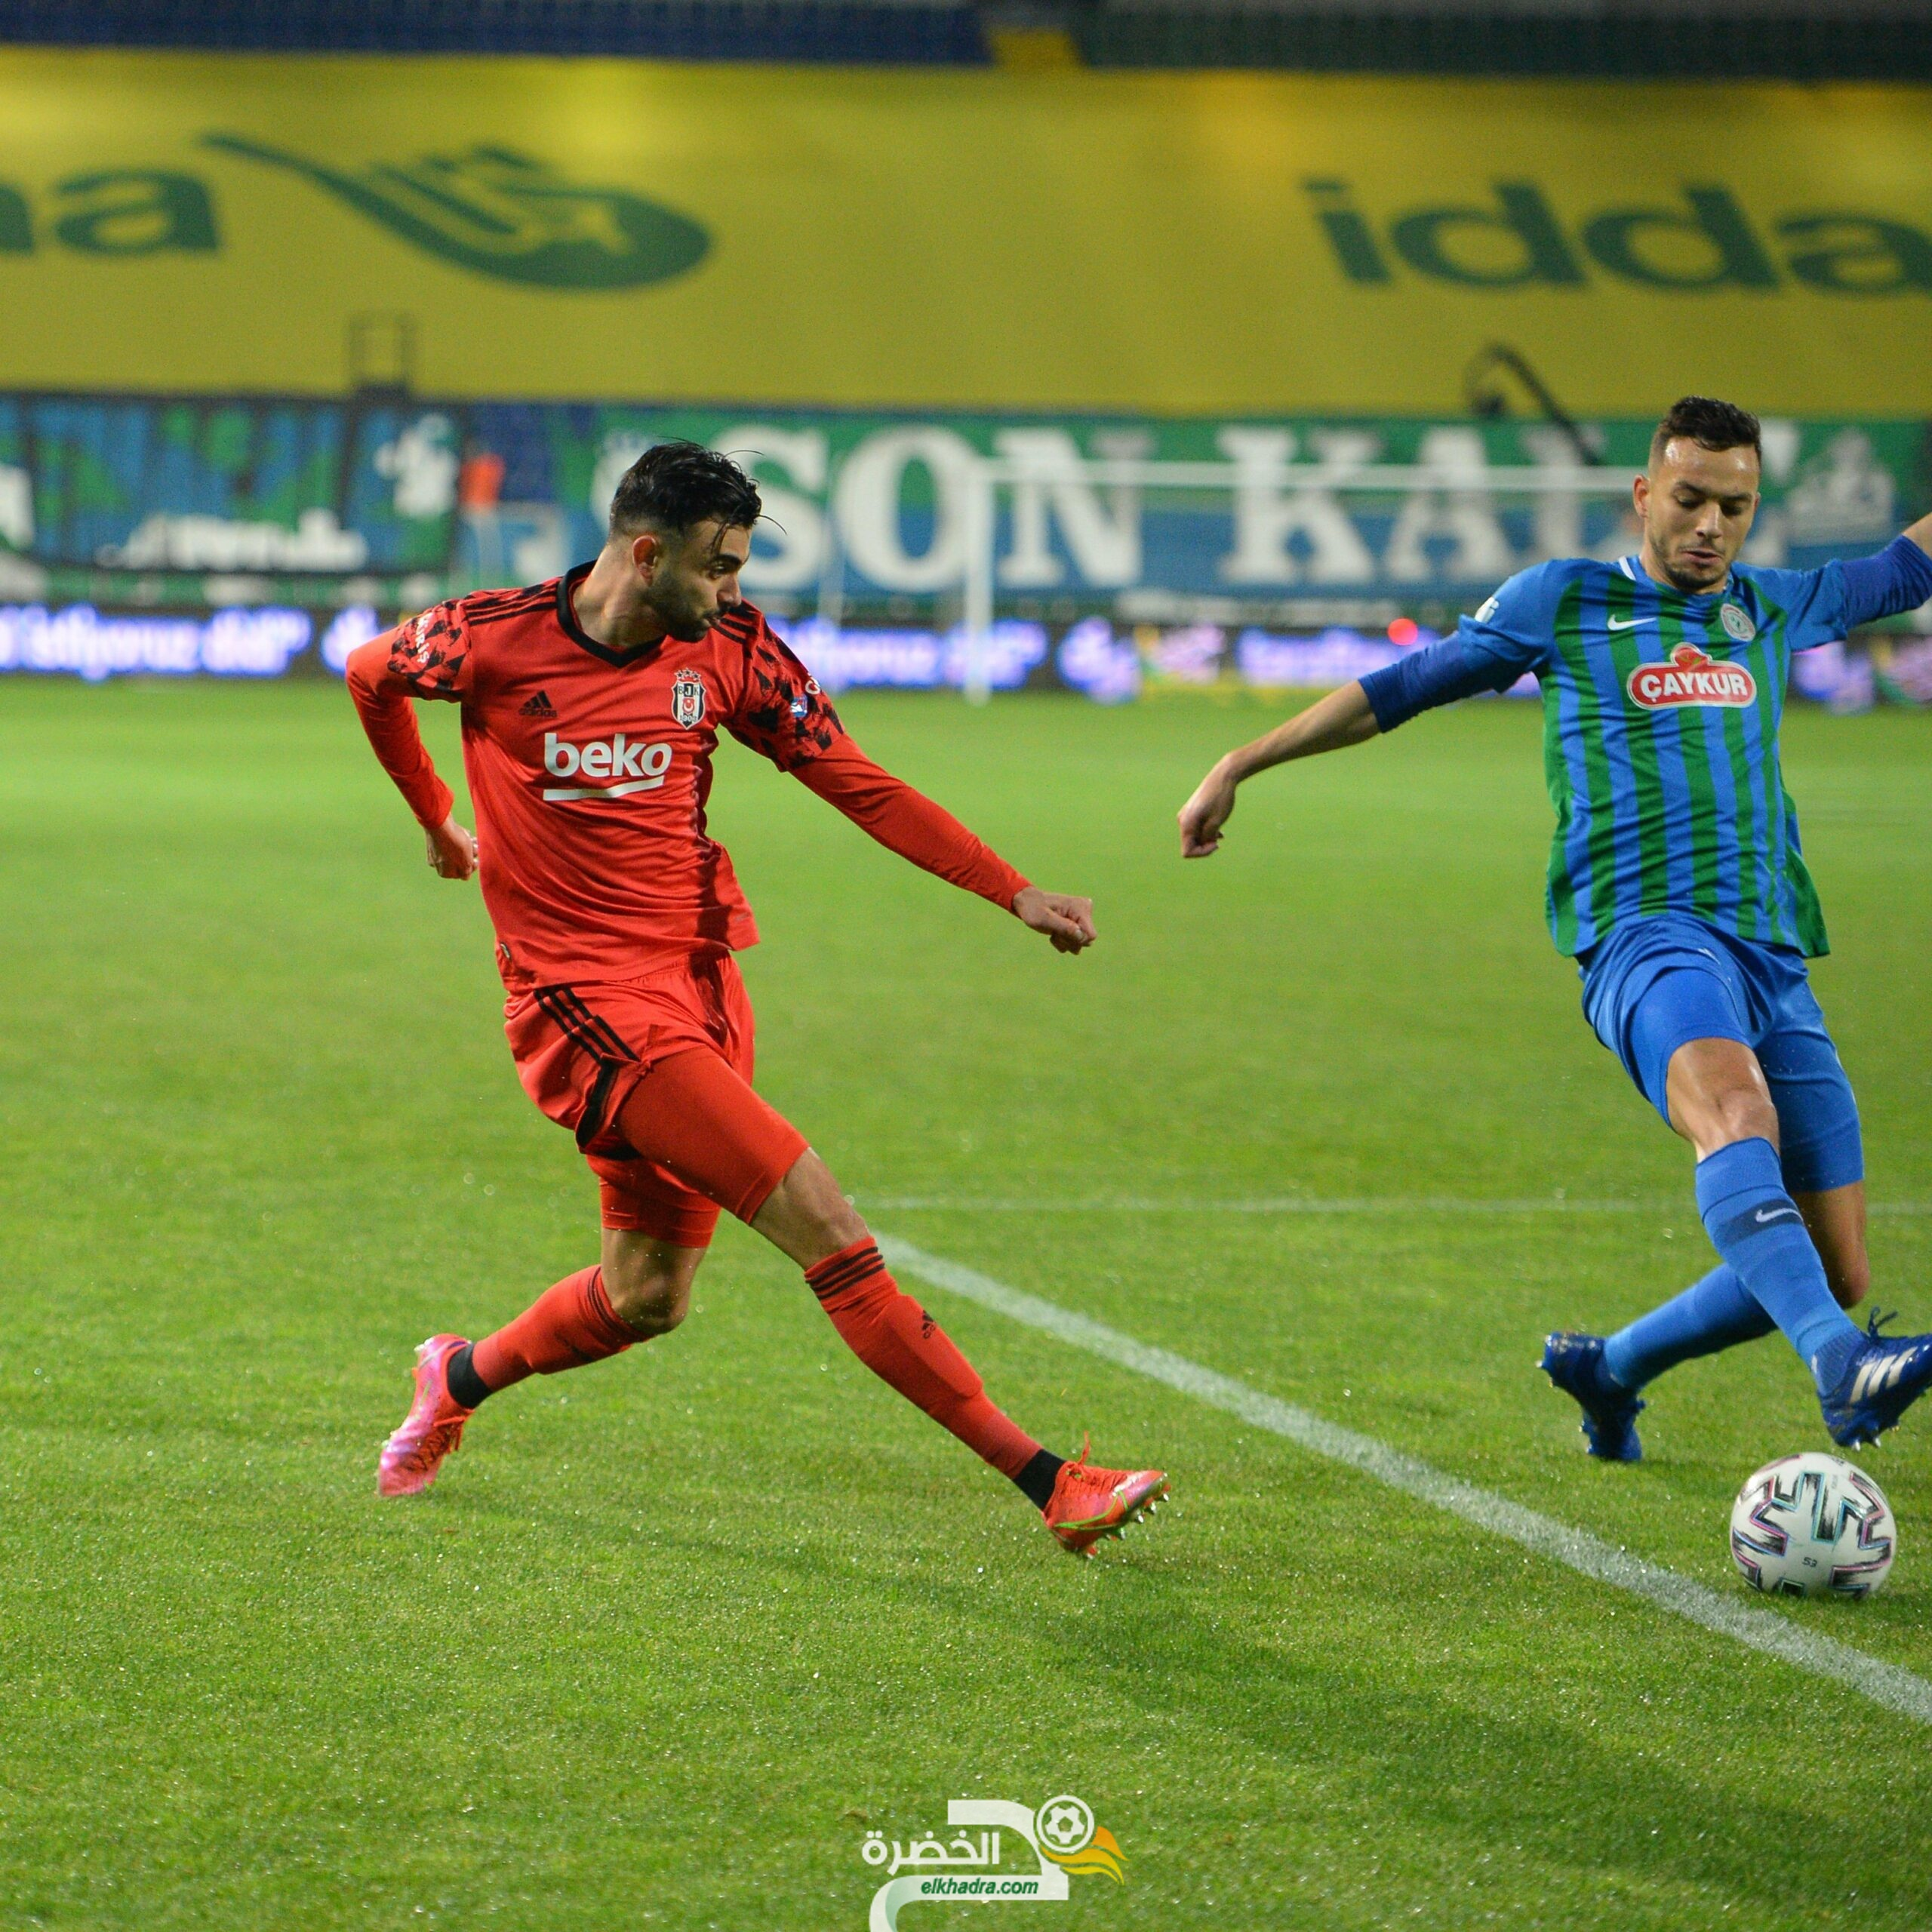 كأس تركيا : رشيد غزال يتوج بالدوبلي مع بيشكتاش 6